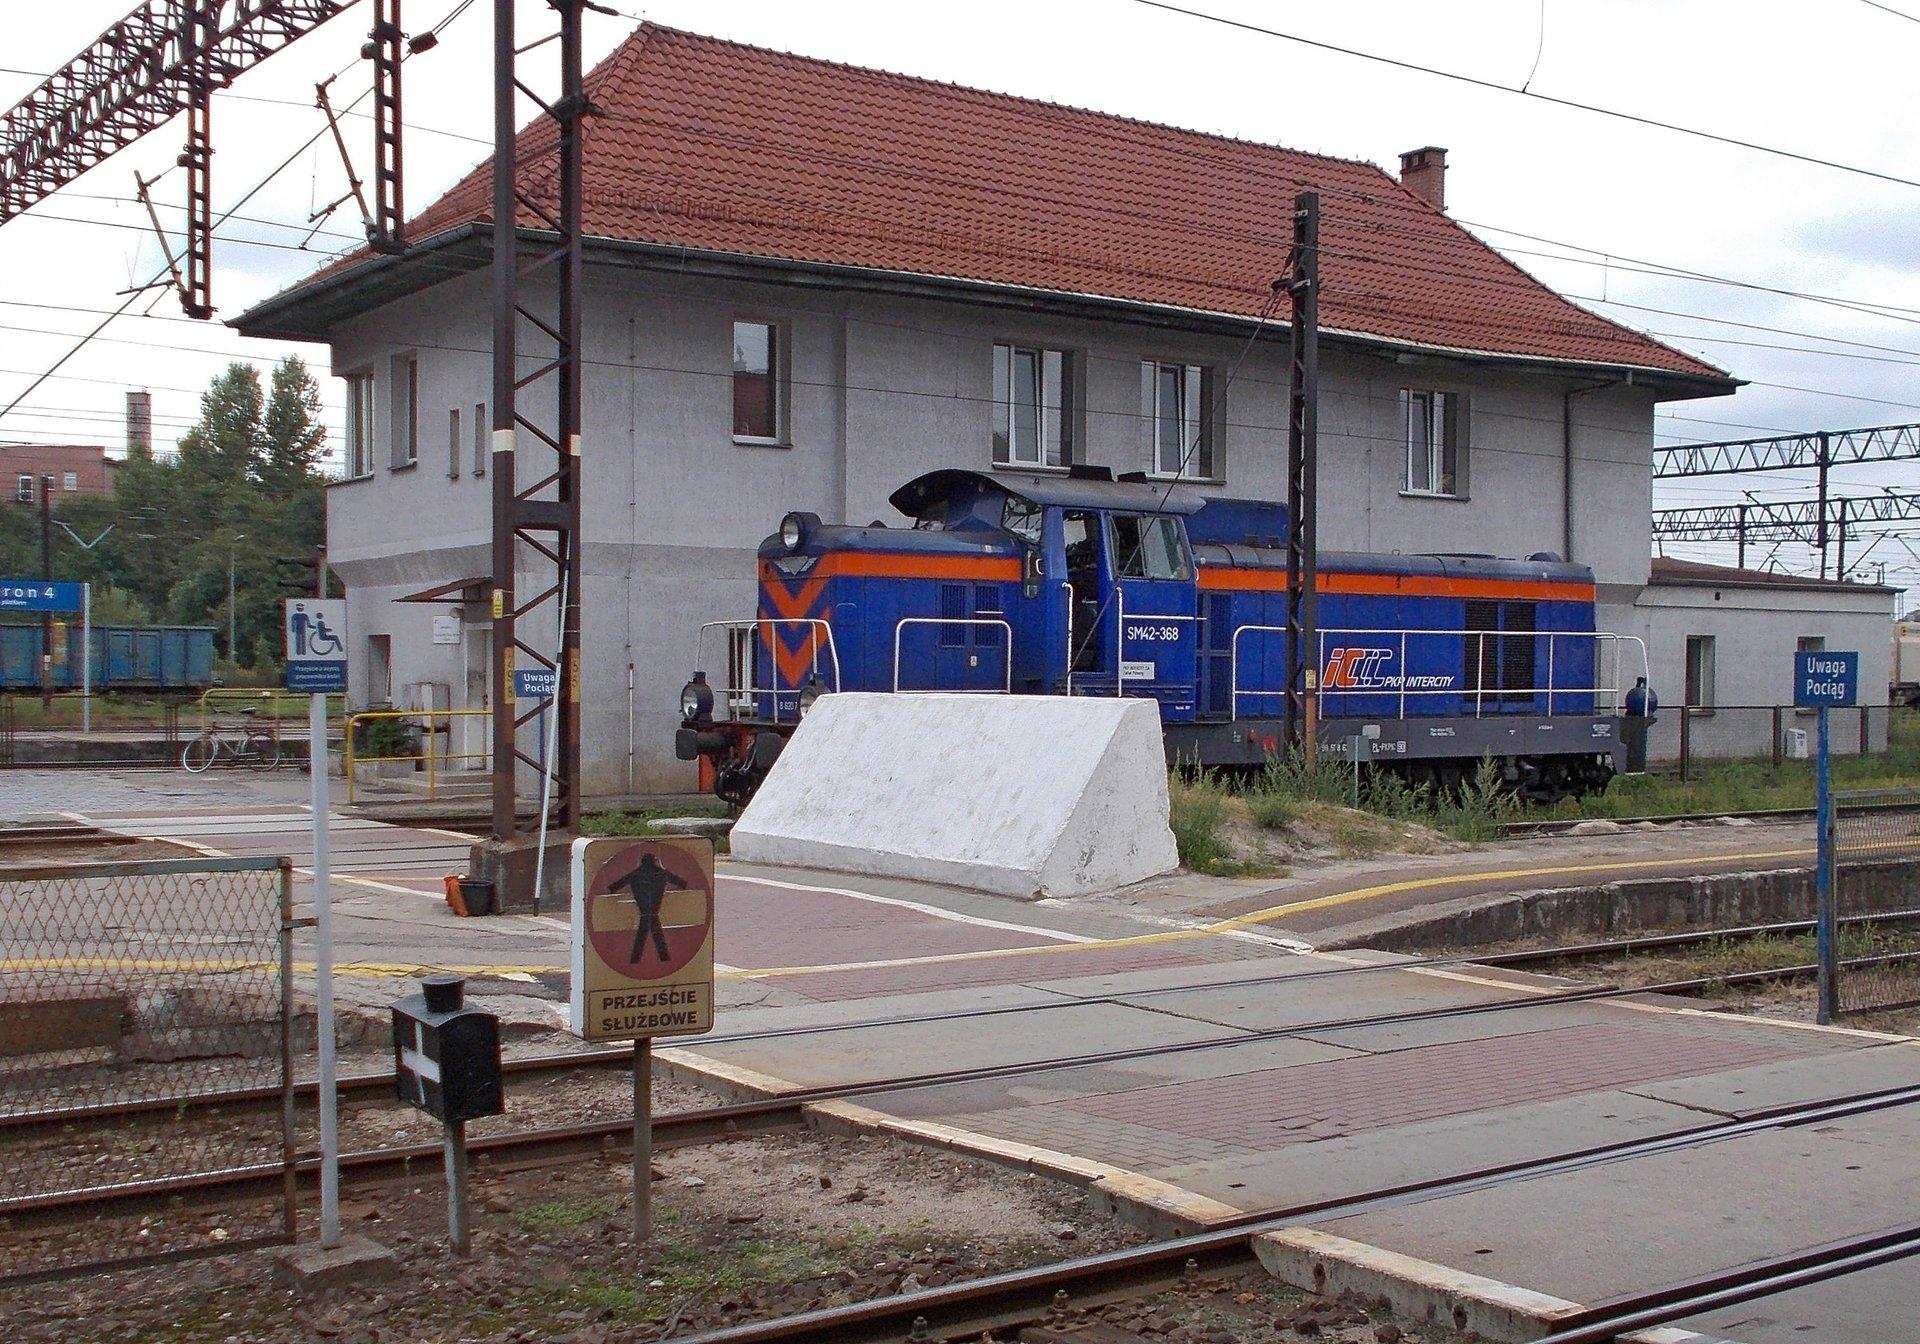 Kozioł oporowy, betonowy, Olsztyn Gł. 31.08.2018 (2).jpg